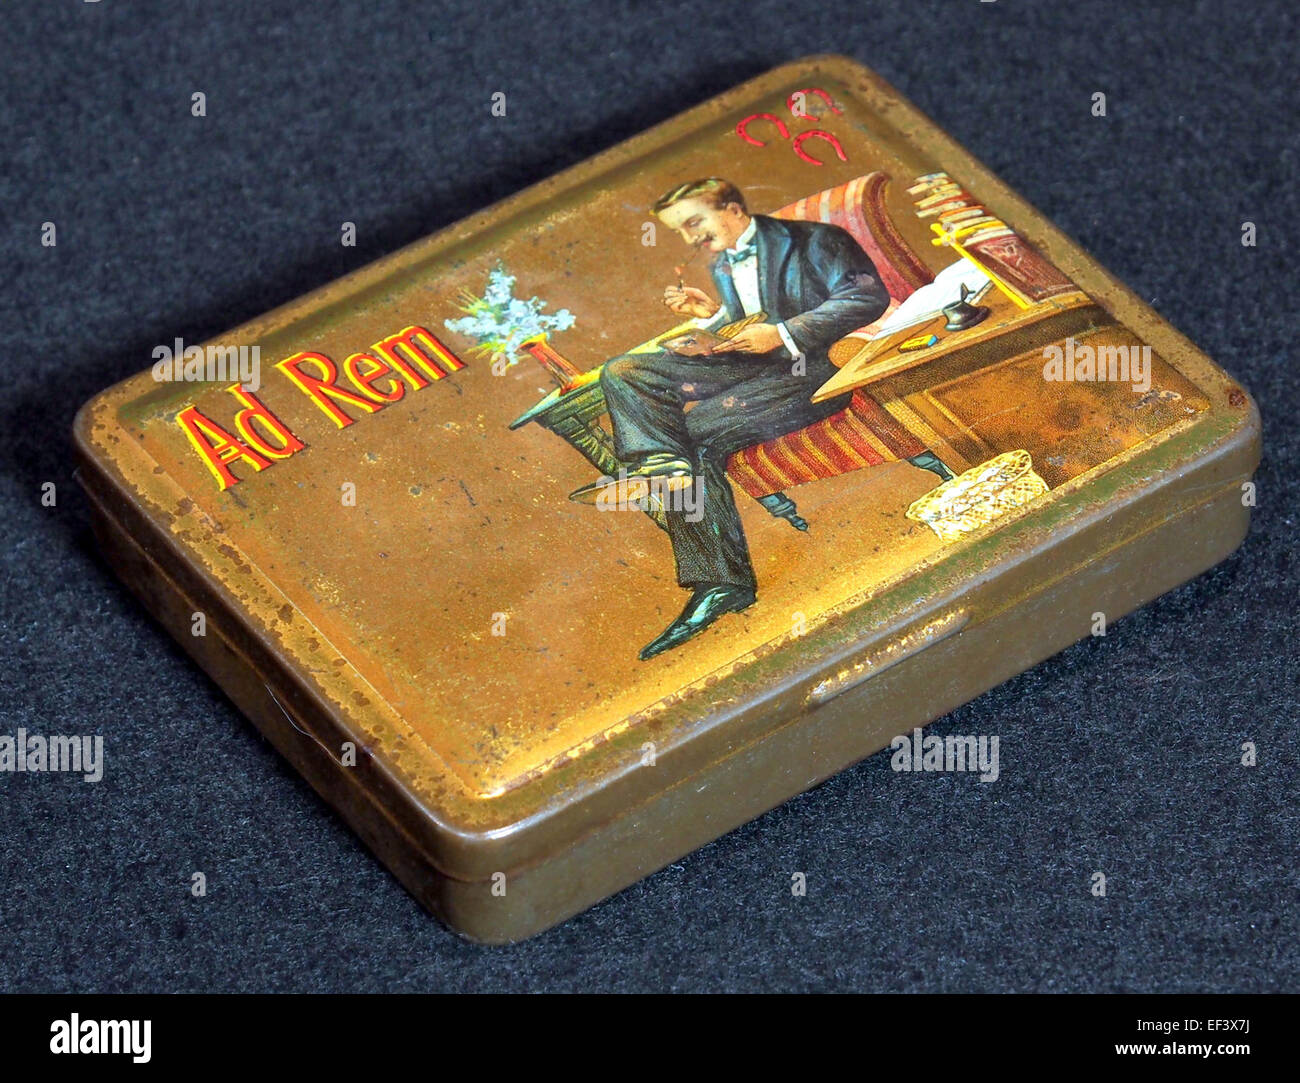 Ad Rem sigarenblikje, foto 2 - Stock Image